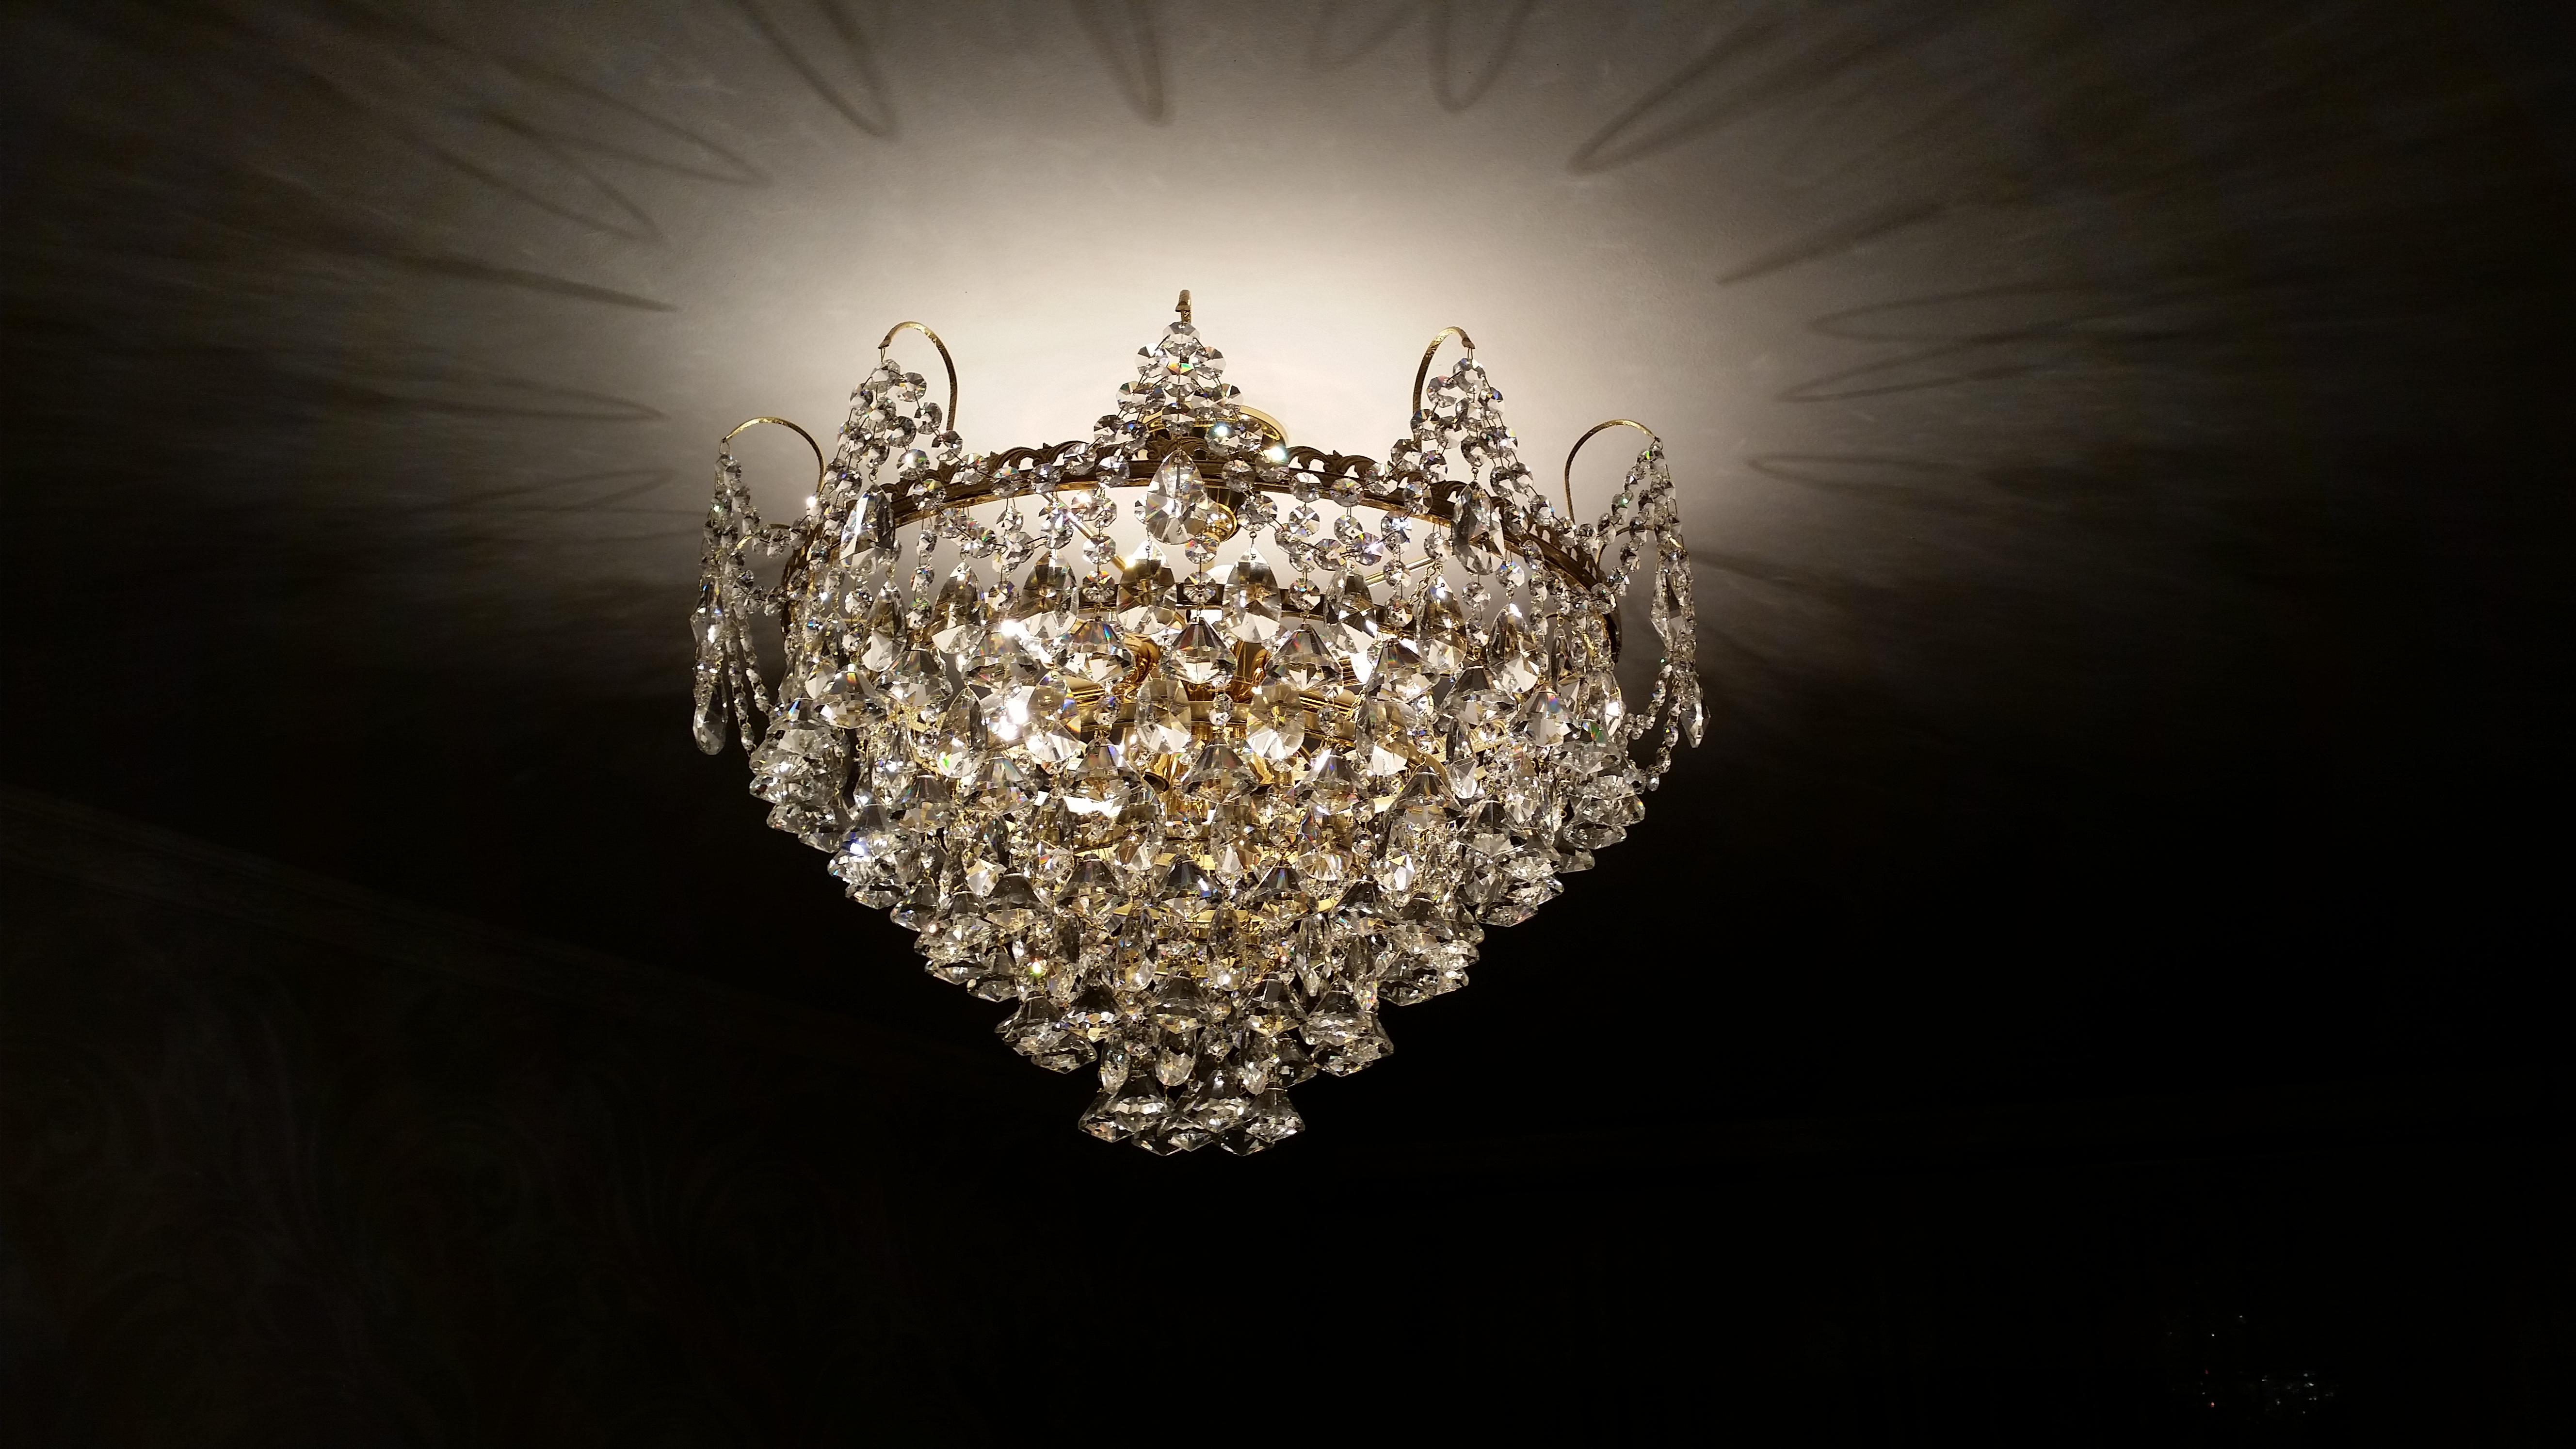 Неоновые лампы - купить в интернет-магазине - Shopsy